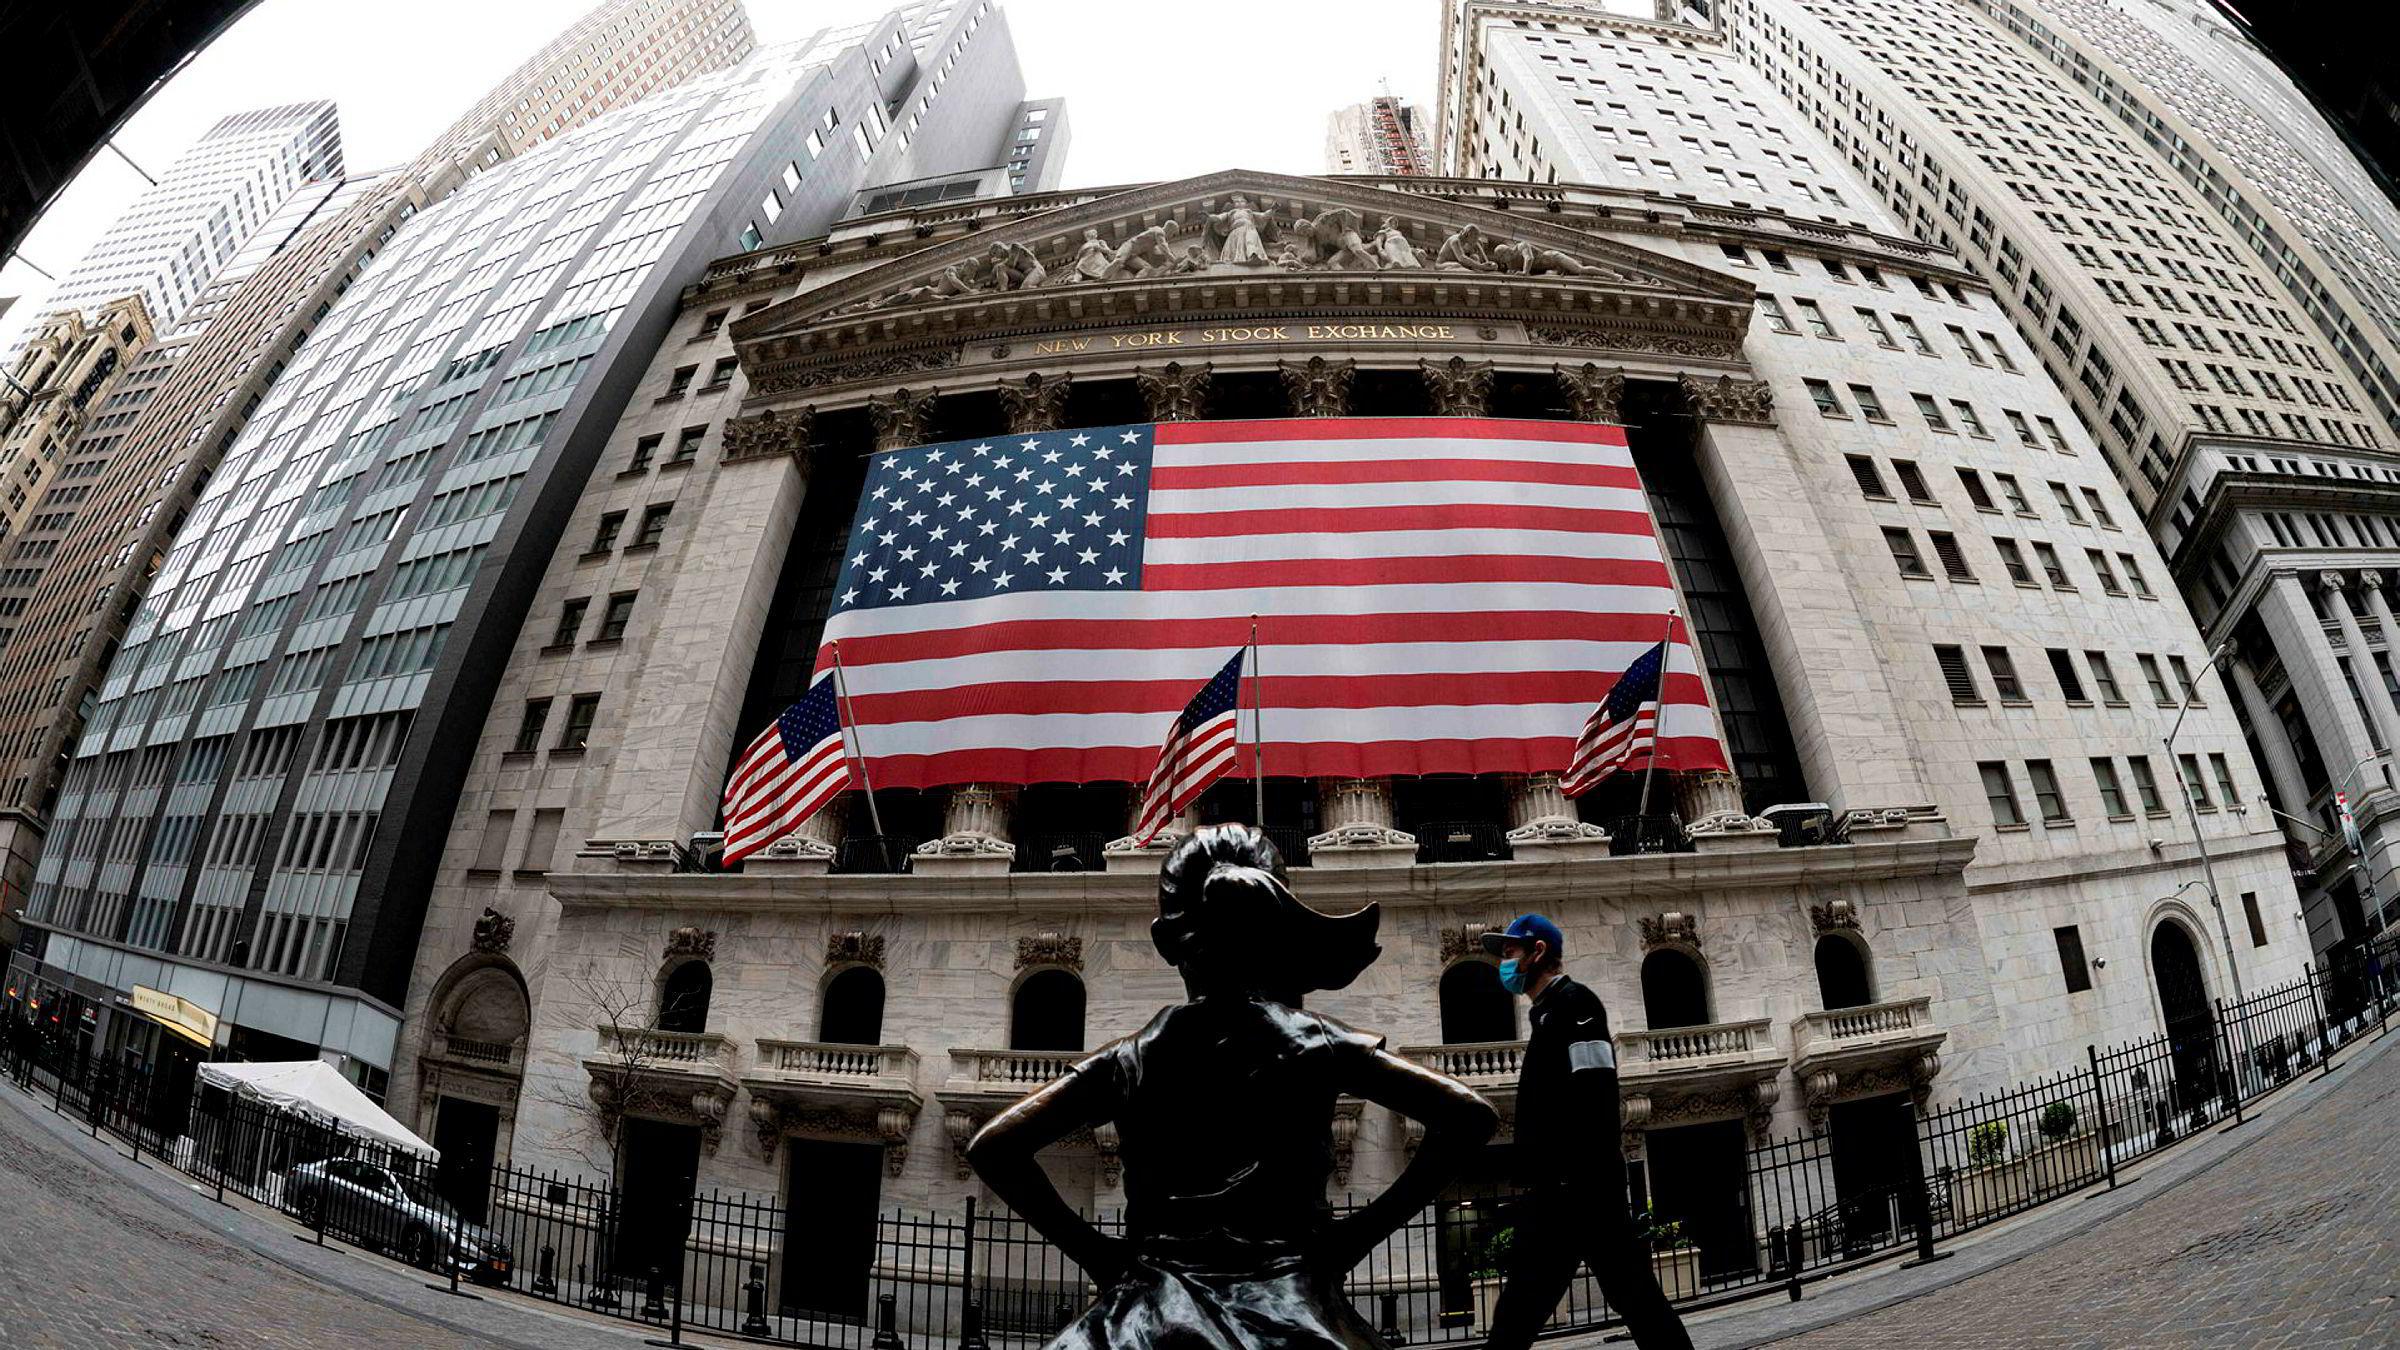 Utenfor New York Stock Exchange står «den fryktløse jenta». Statuen ble først oppført foran den ikoniske oksestatuen i anledning kvinnedagen i 2017 for å sende en beskjed om mangfold og oppfordre selskaper til å rekruttere kvinner til styrer og lederstillinger. Statuen ble senere flyttet slik at den står tvers over gaten for inngangen til New York-børsen.